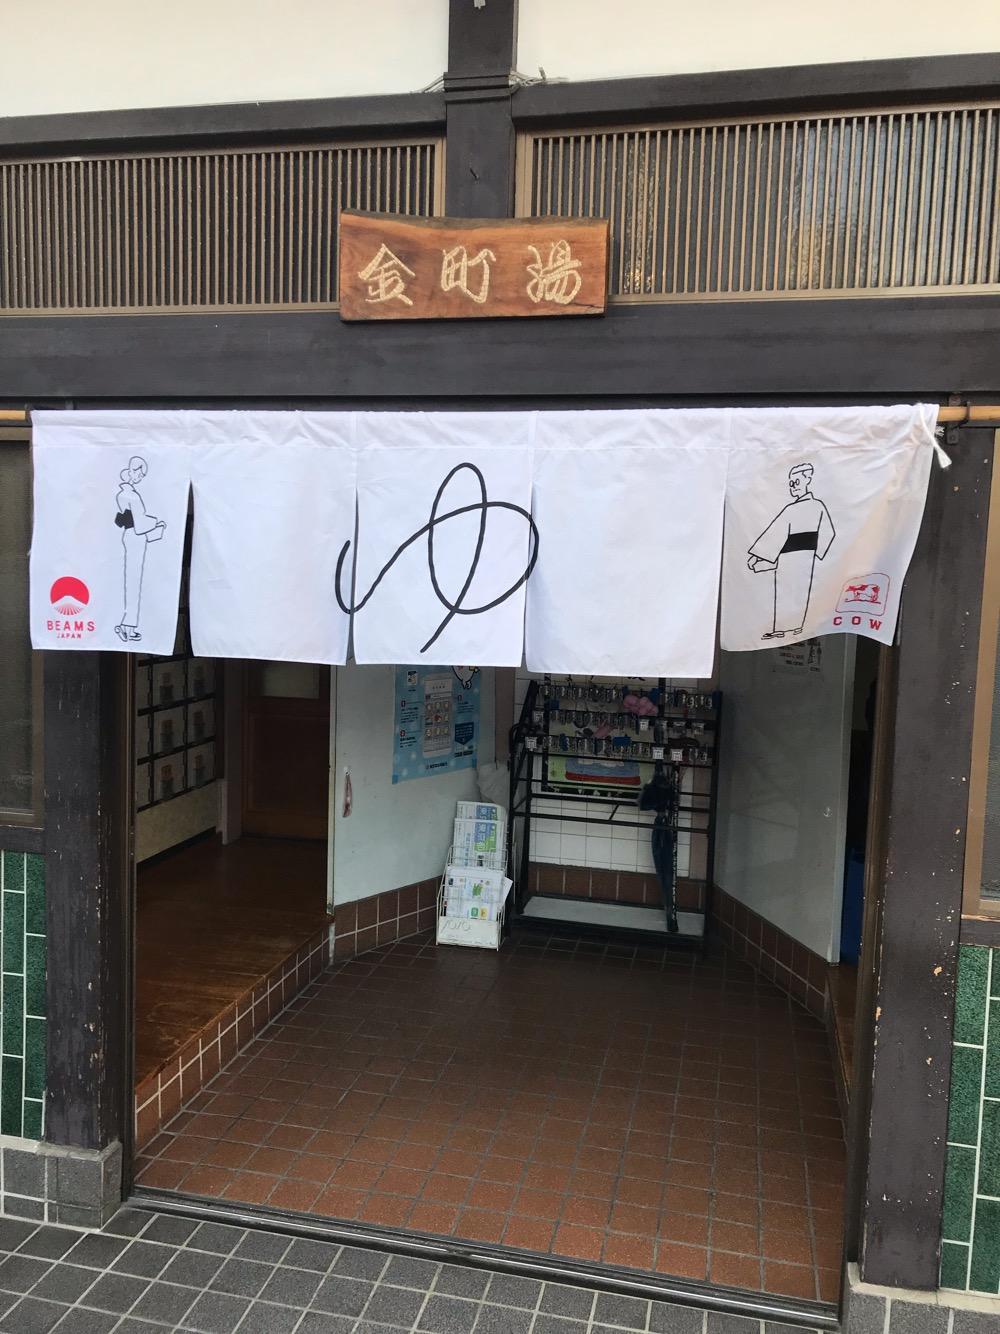 金町湯の玄関にかかっているBEAMS JAPAN、牛乳石鹸のノレン